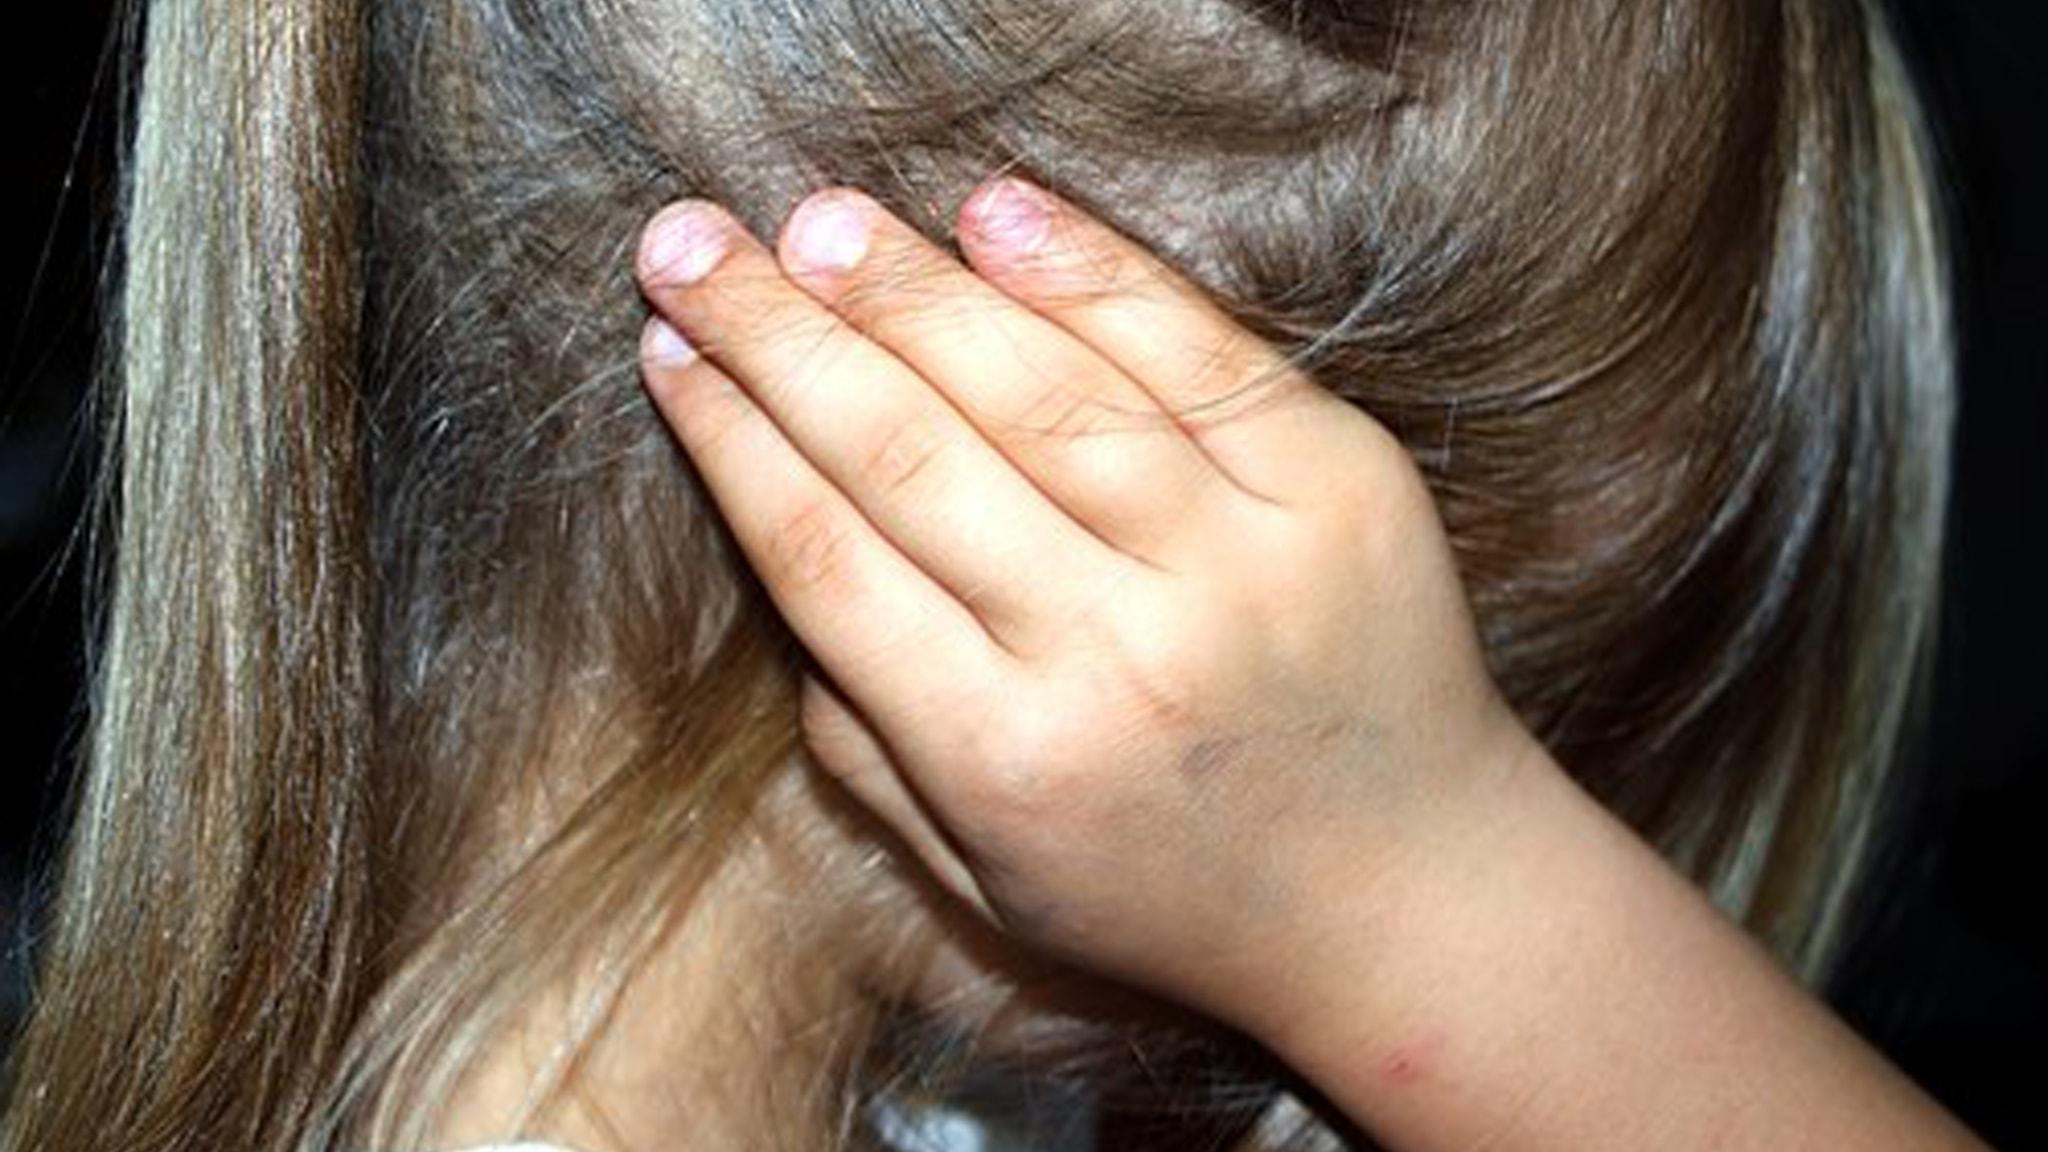 Del 1/2 Män som hotar, män som slår: Jag kastade in mina barn i duschen